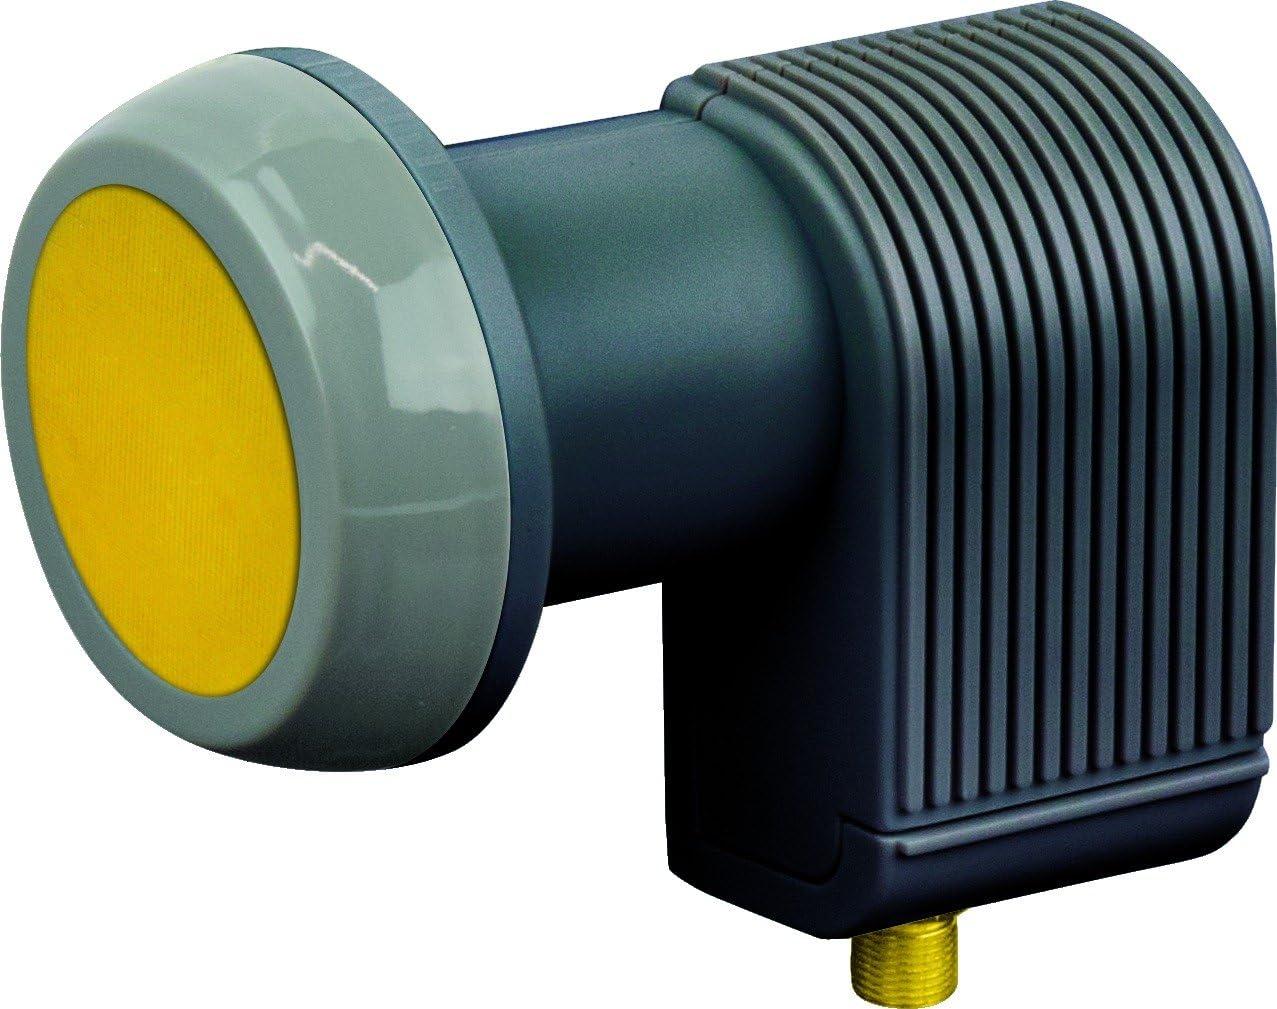 Schwaiger Single LNB 40mm Sun Protect Ziegelrot